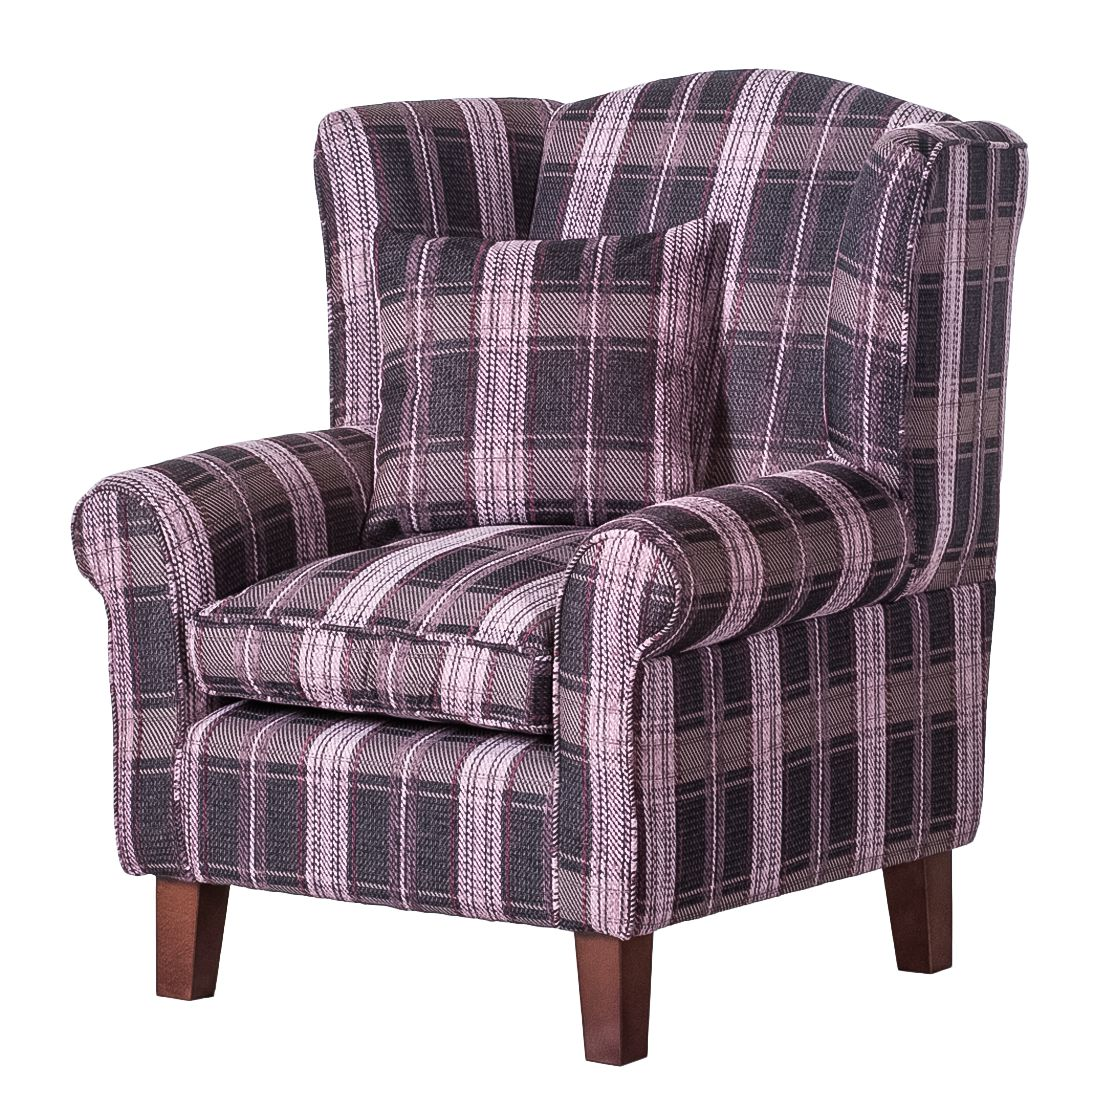 sessel colmar webstoff lila karomuster ohne hocker. Black Bedroom Furniture Sets. Home Design Ideas